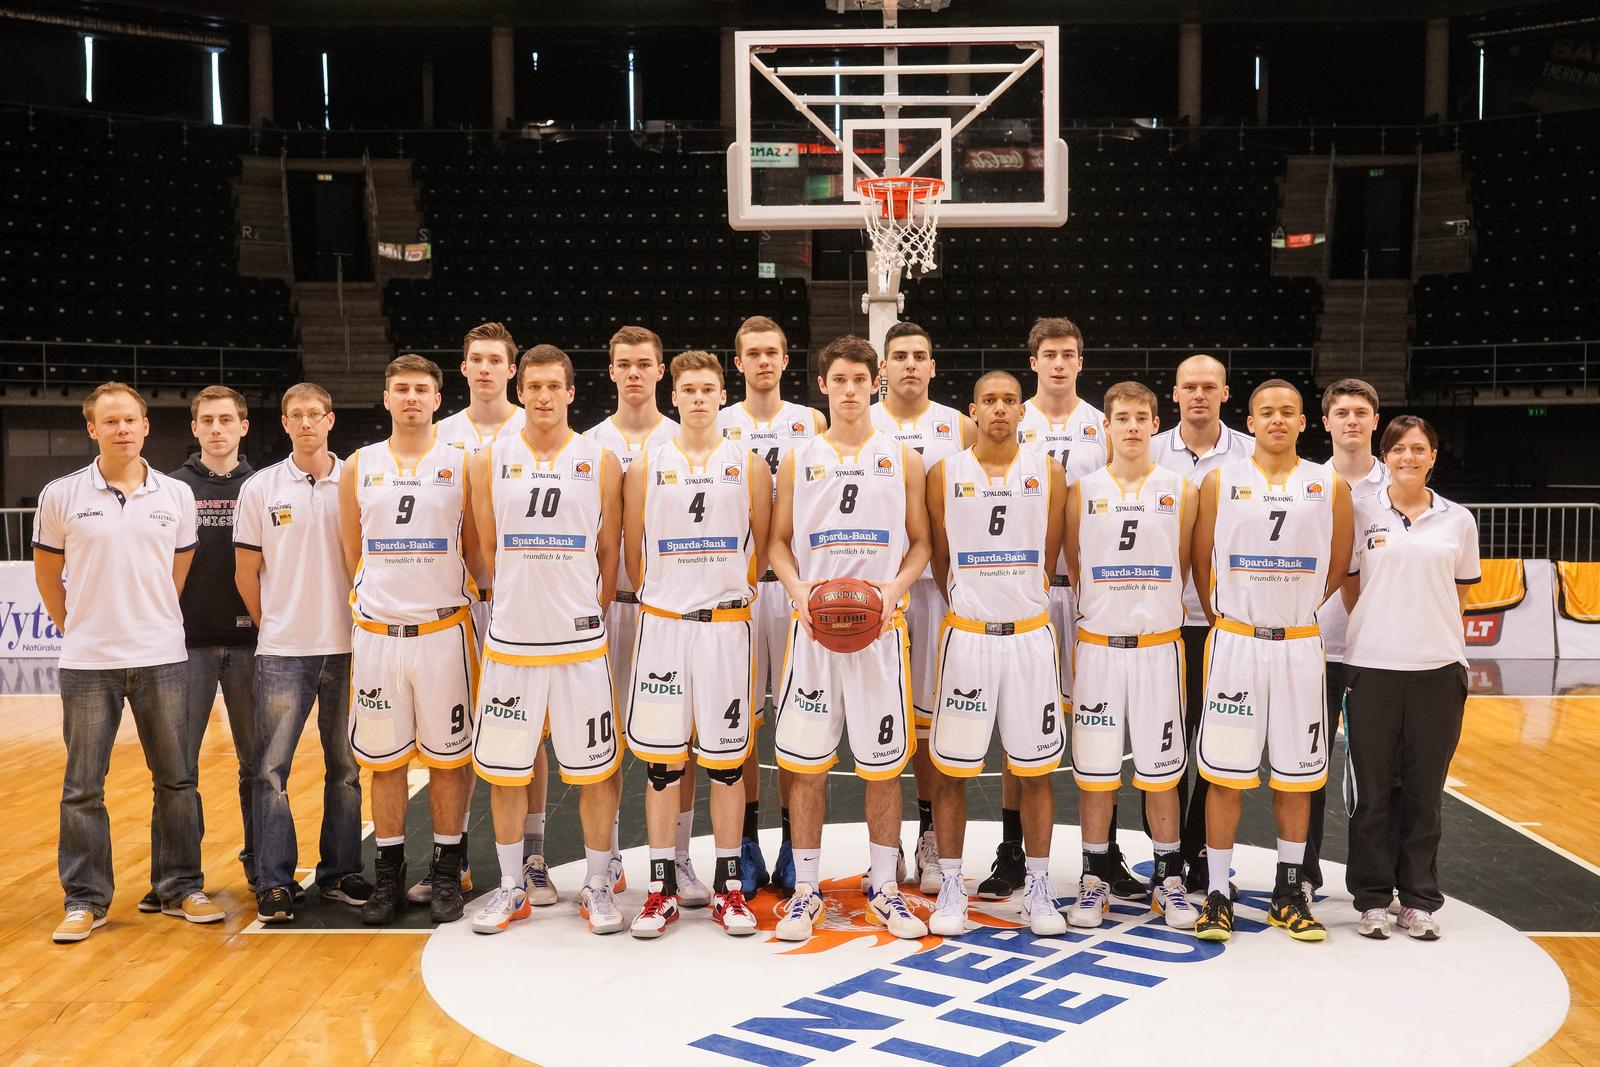 2013 Euroleague Junior Tournament